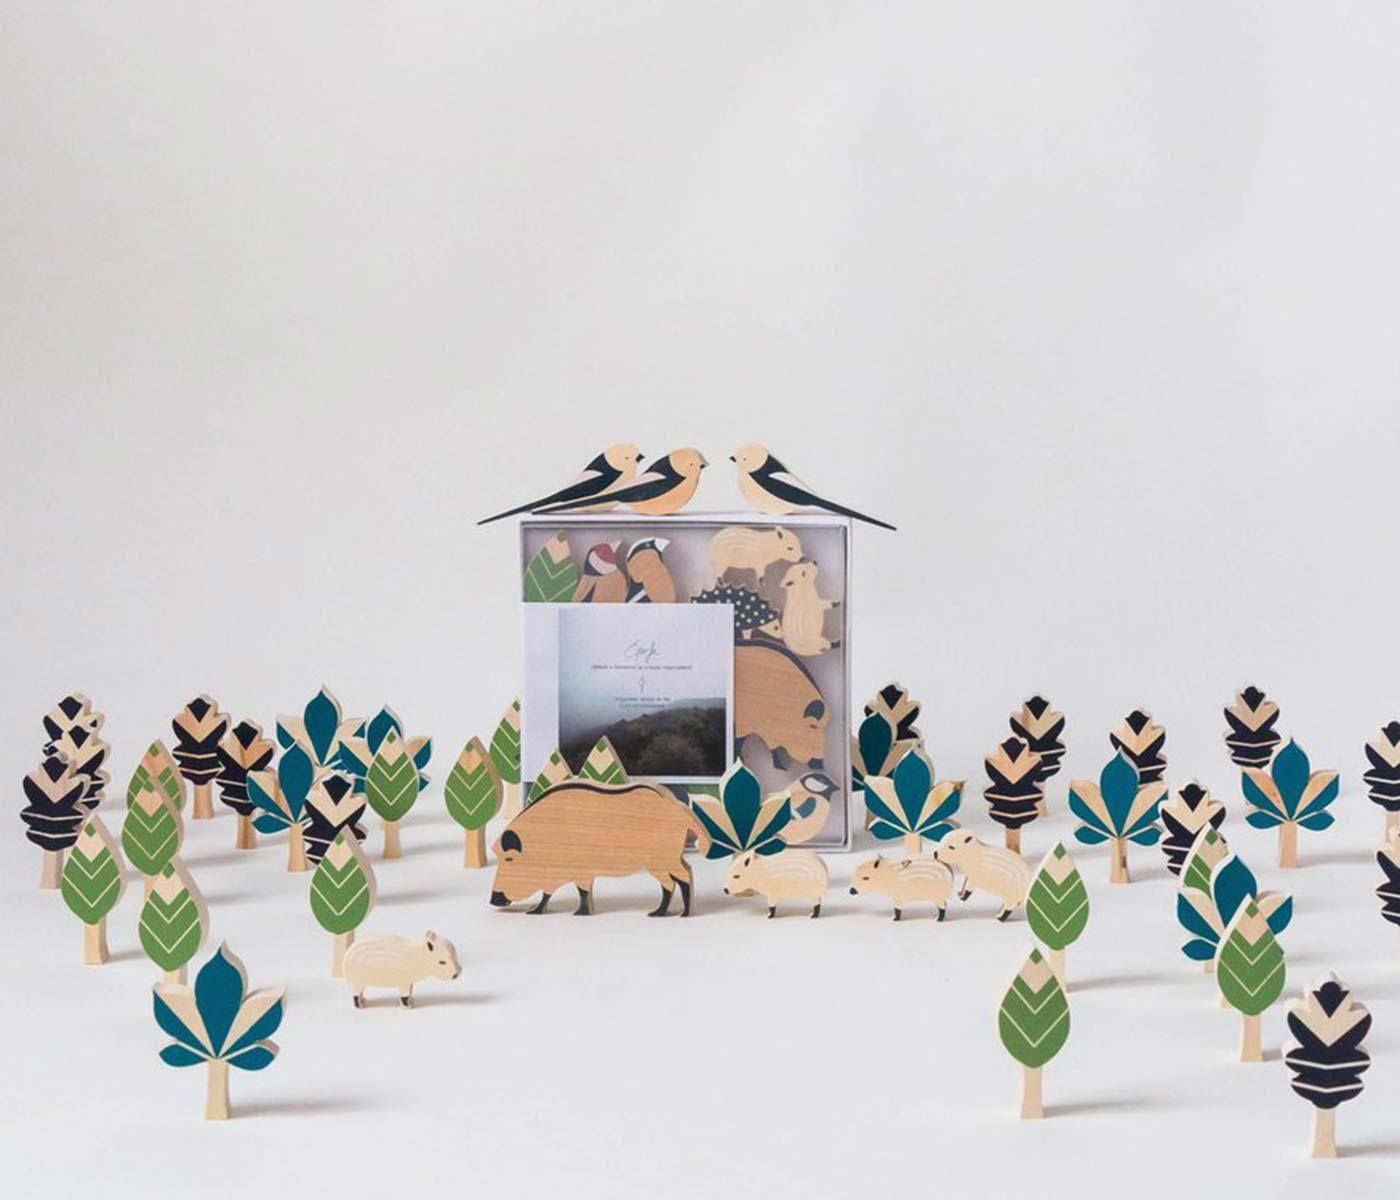 Herbst-Lieblingssachen: Schönes Holzspielzeug für Kinder: Waldtiere // HIMBEER